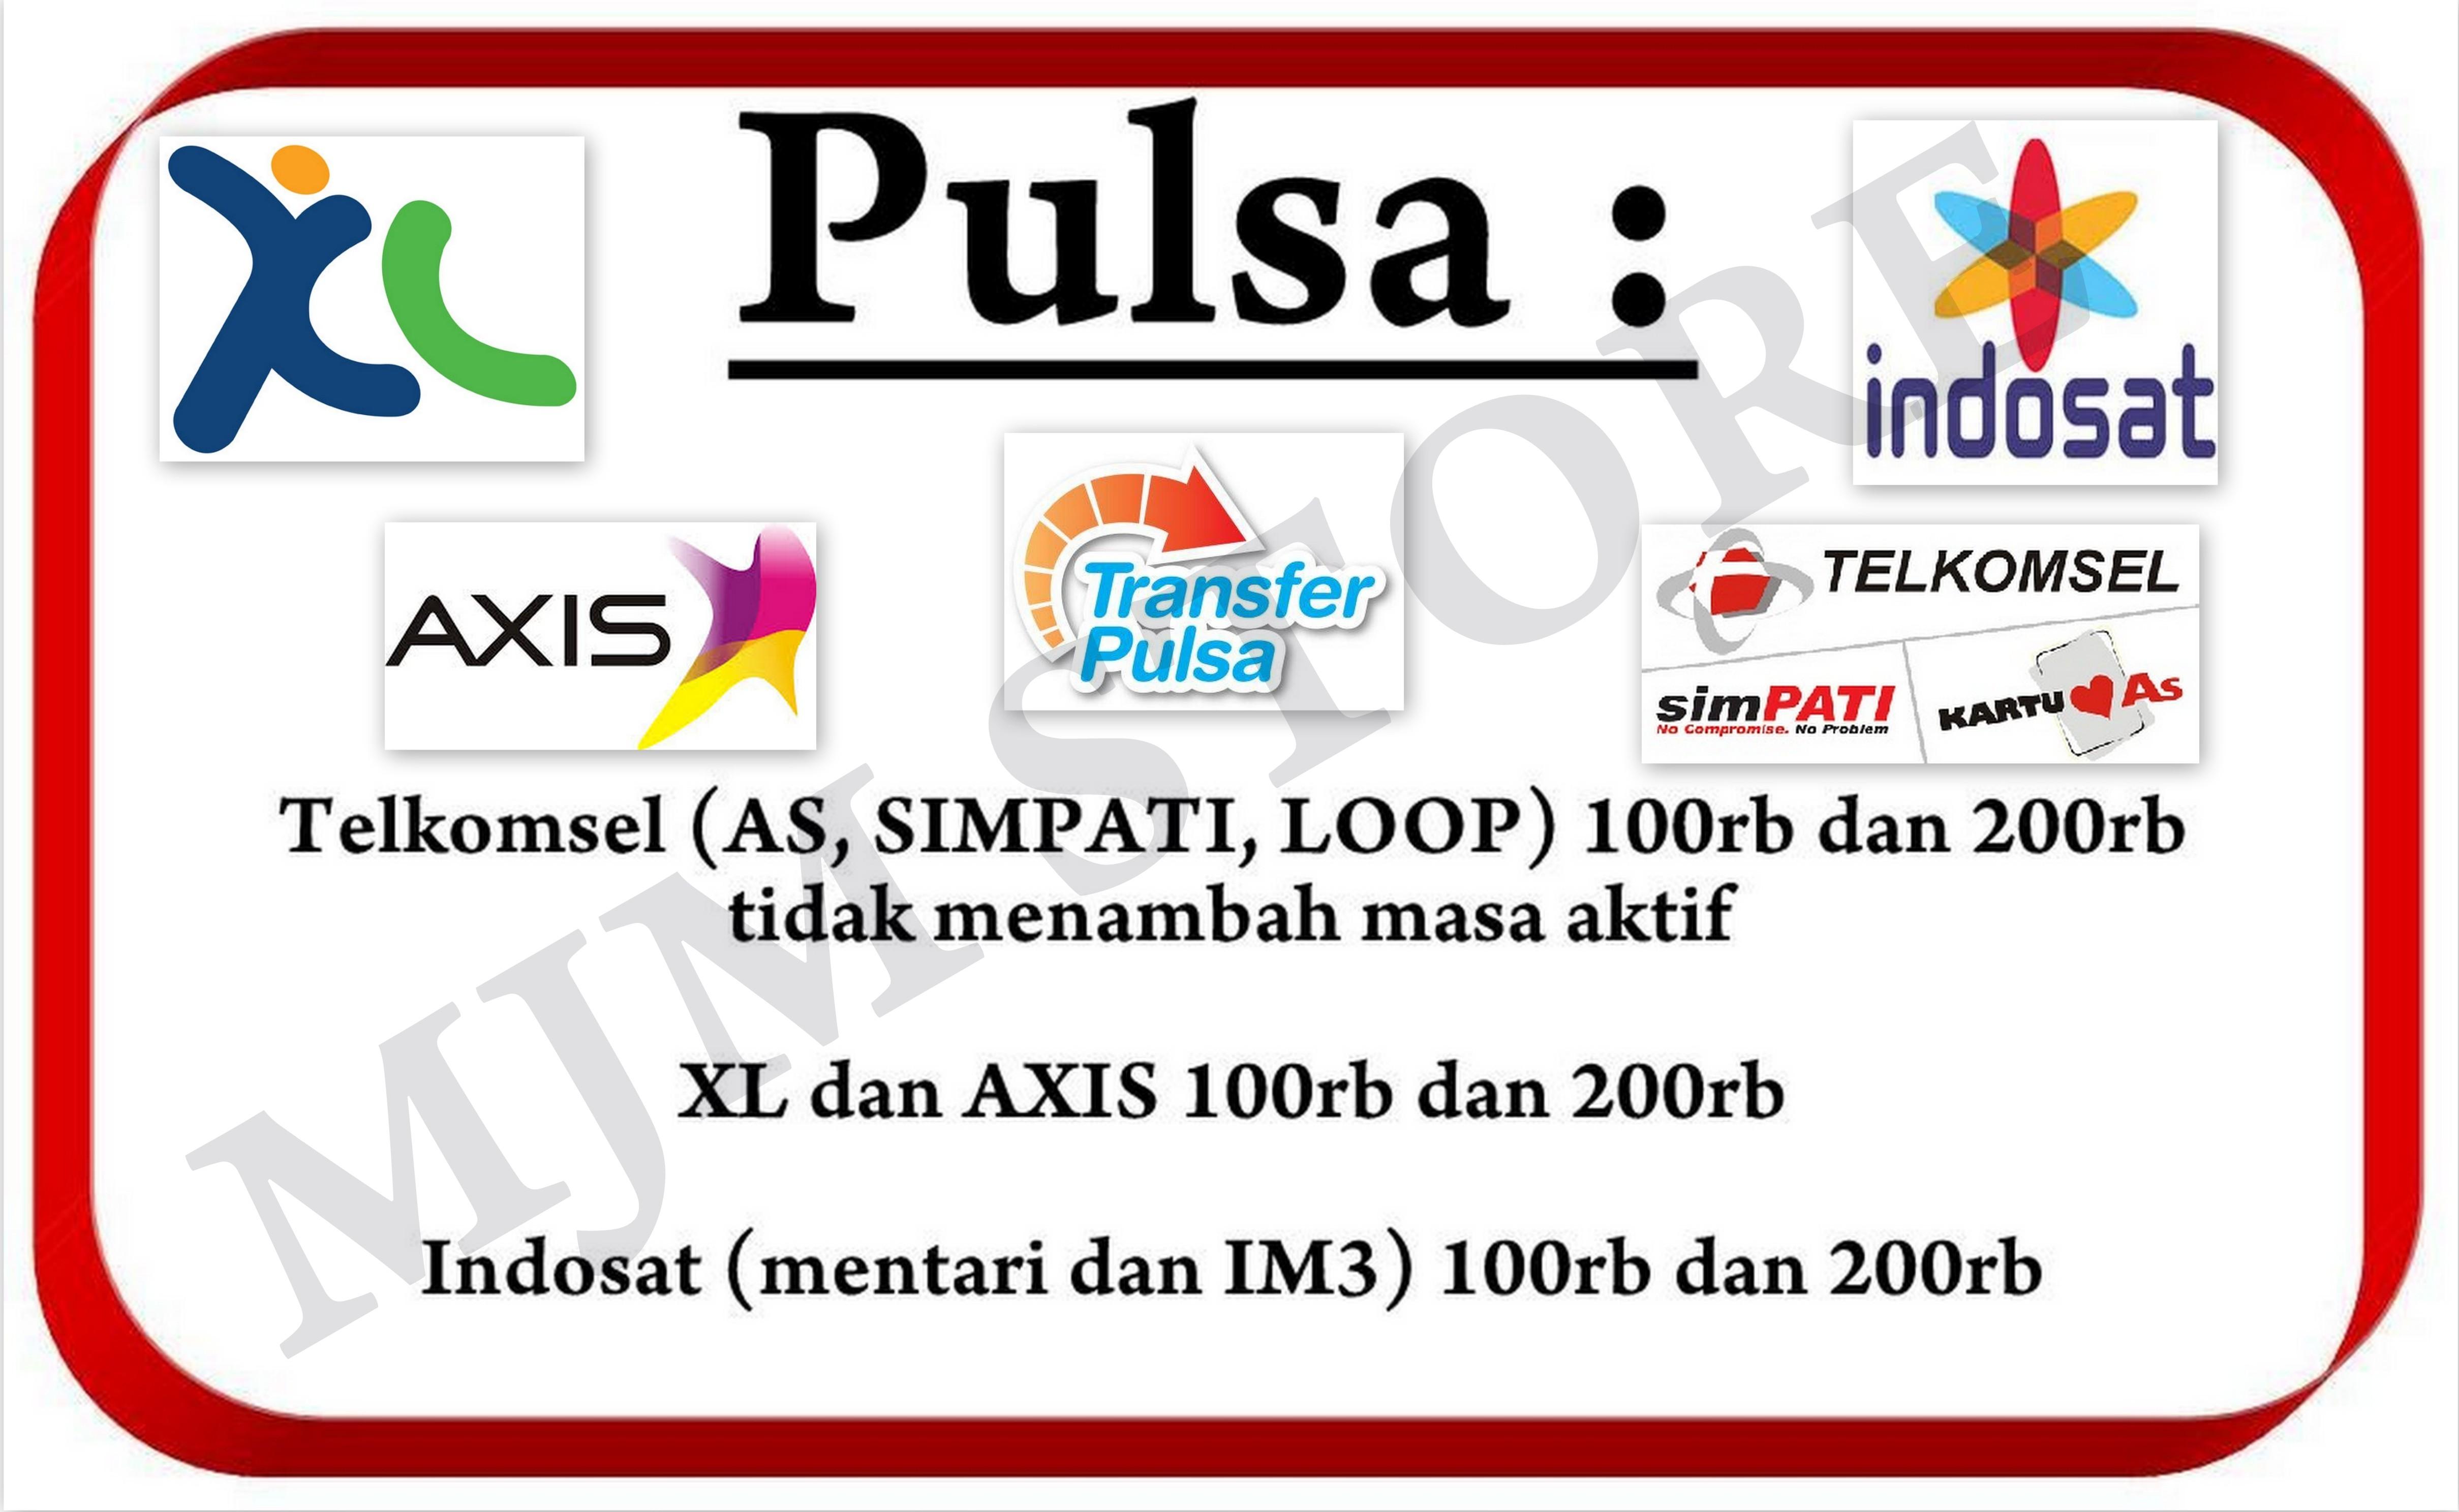 Buy Pulsa Telkomsel Xl Axis Kuota Data Indosat Ooredoo 4g Dan 3g 6gb Jaringan 20gb 100 Menit Telpon All Operator